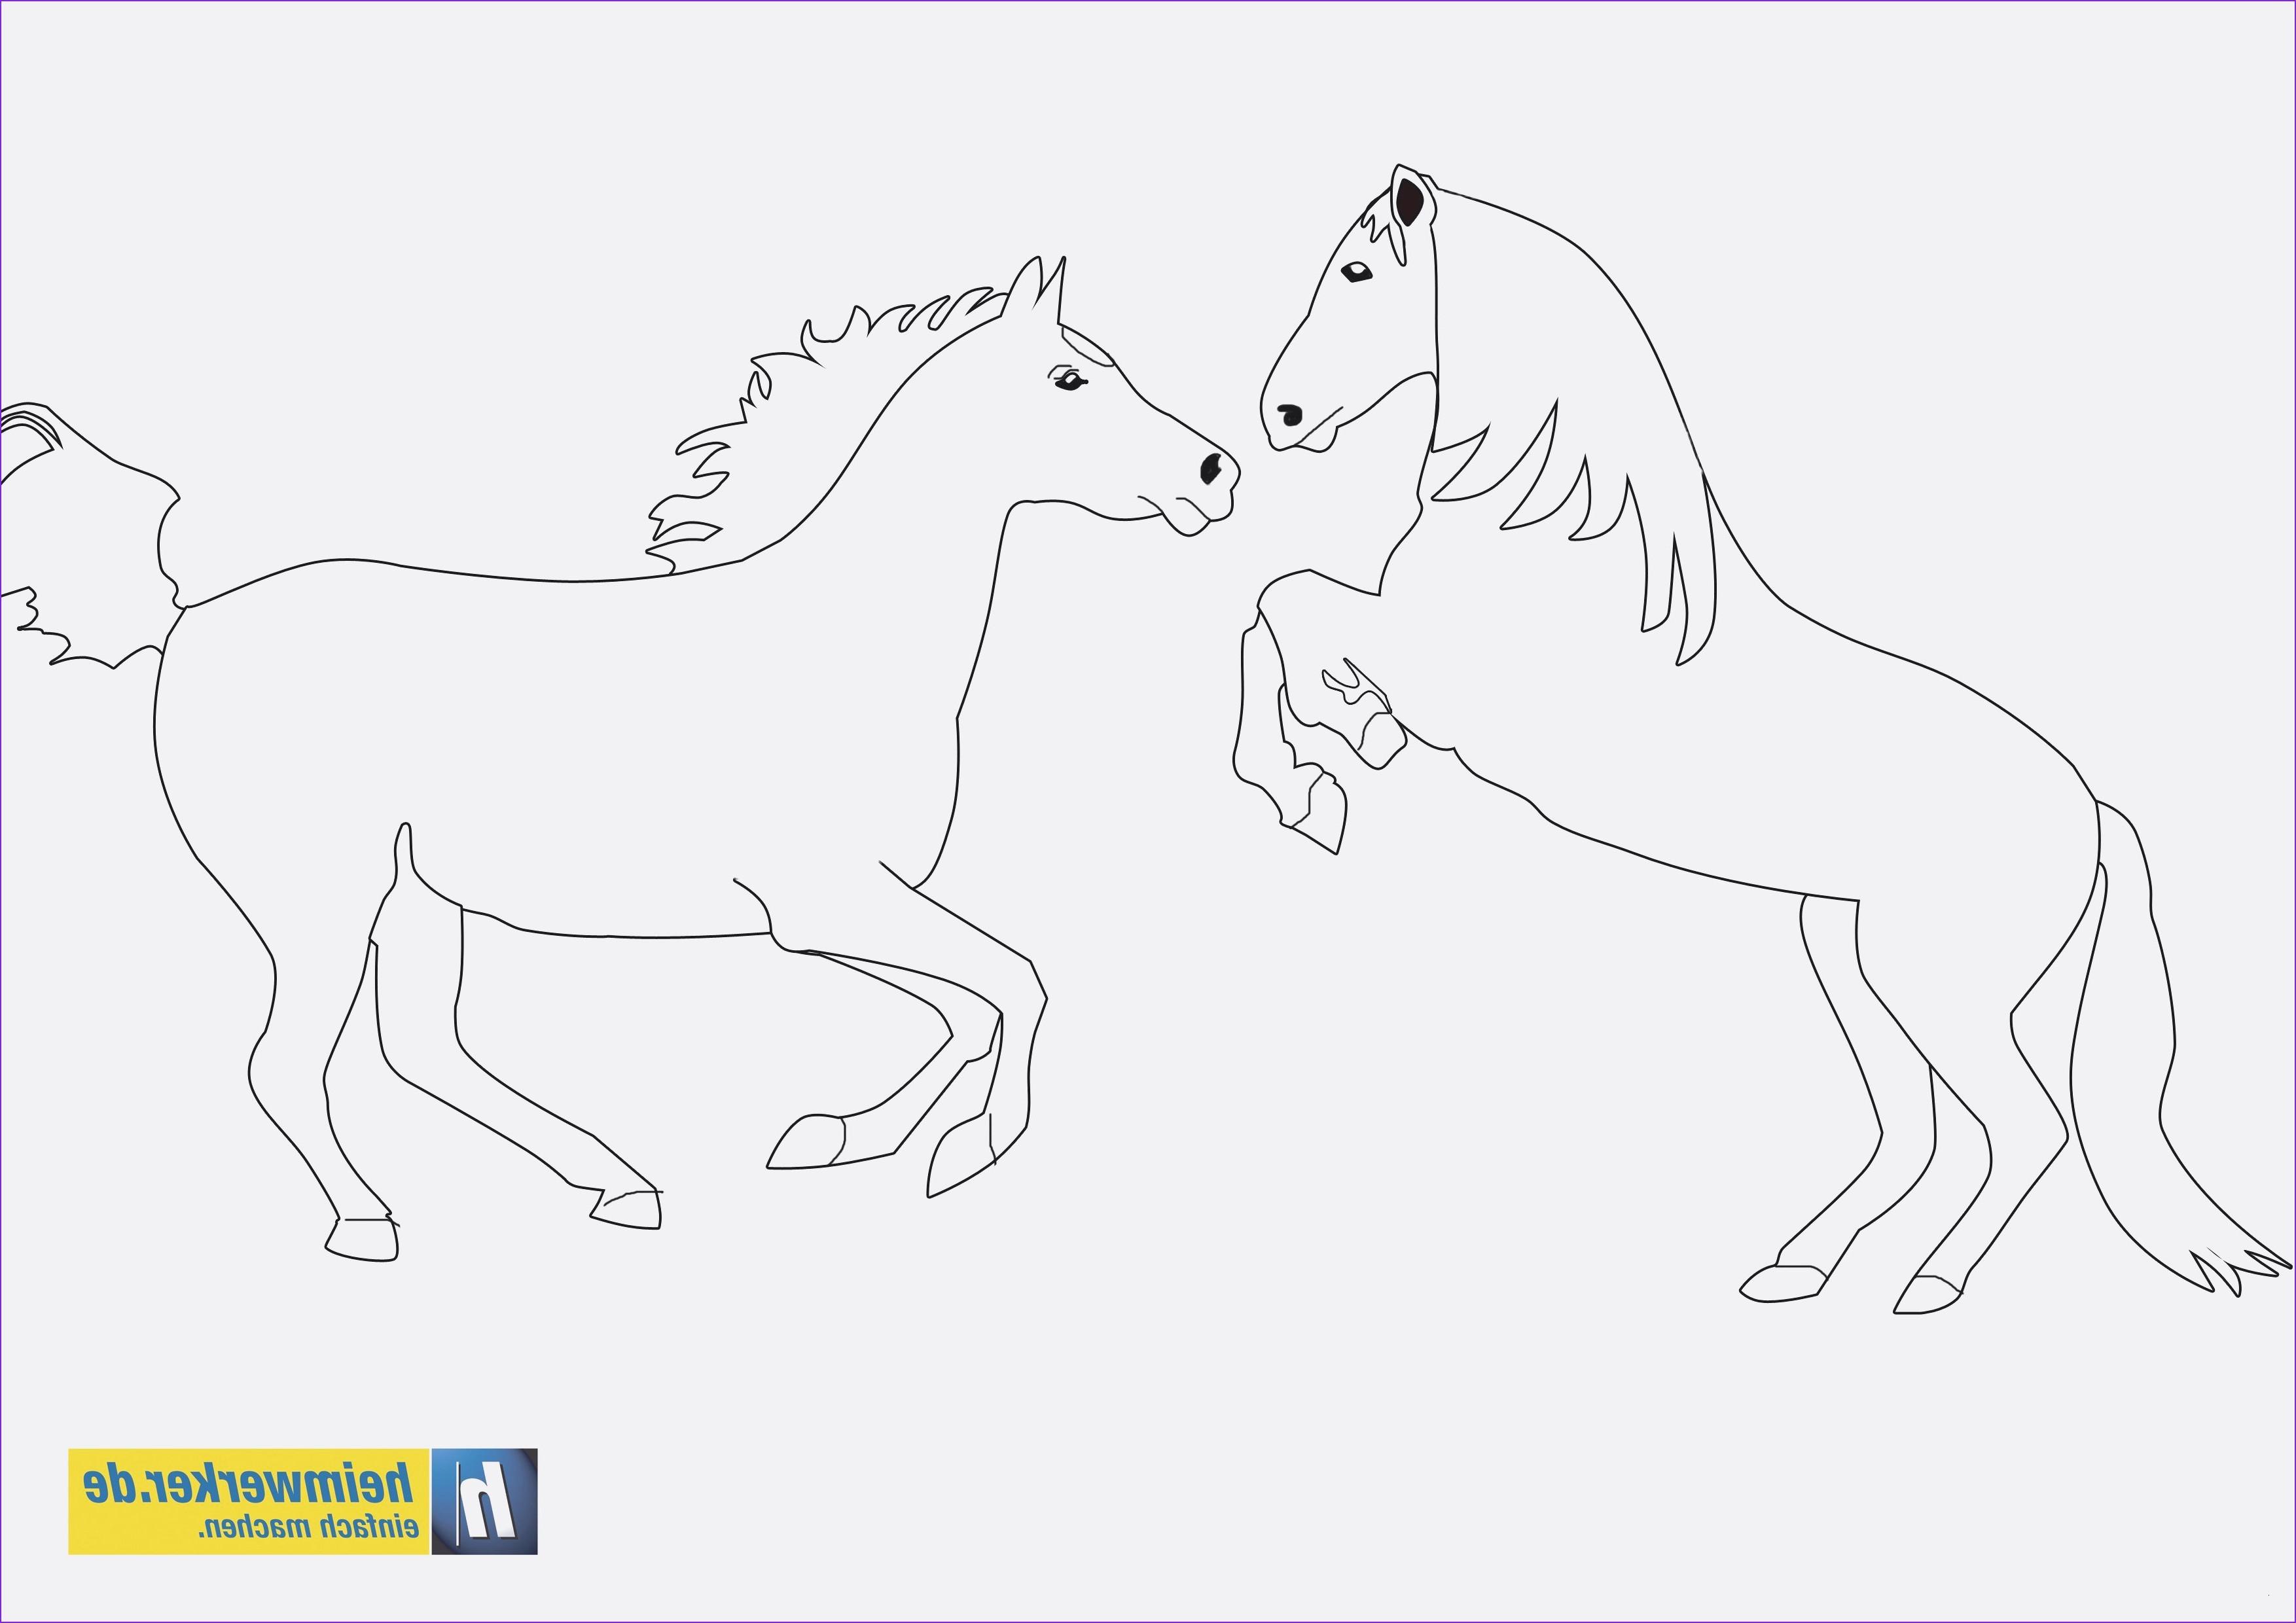 Ausmalbilder Bibi Und Tina 4 Das Beste Von 29 Elegant Bibi Und Tina 4 Ausmalbilder – Malvorlagen Ideen Stock